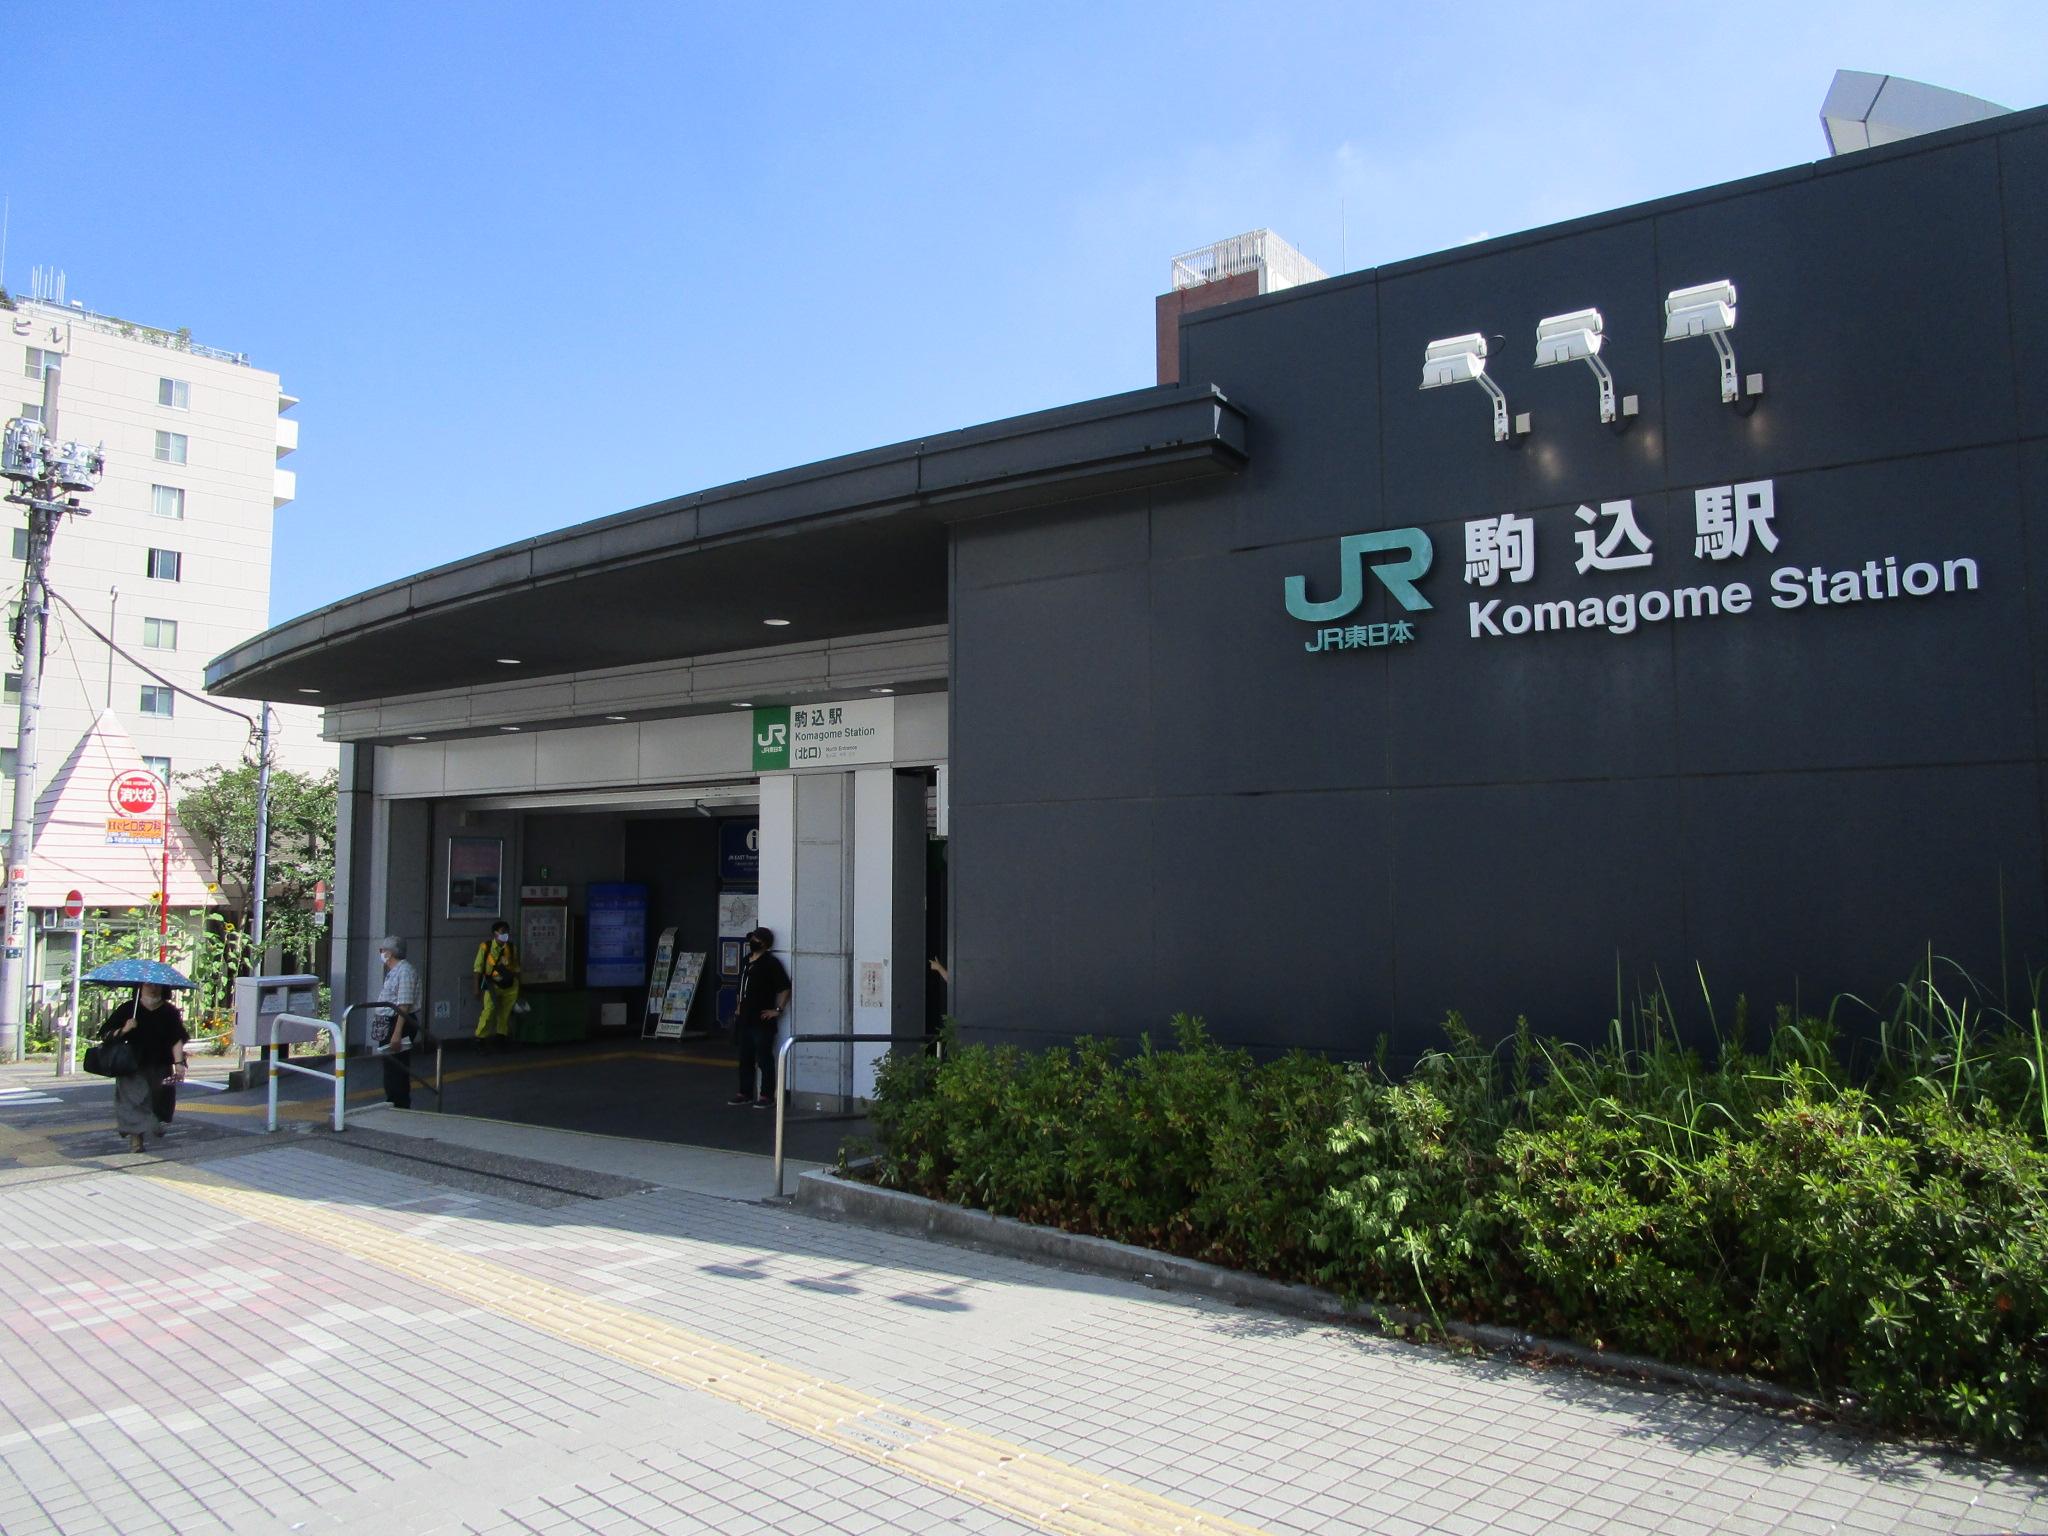 JR山手線 駒込駅駅前(周辺)